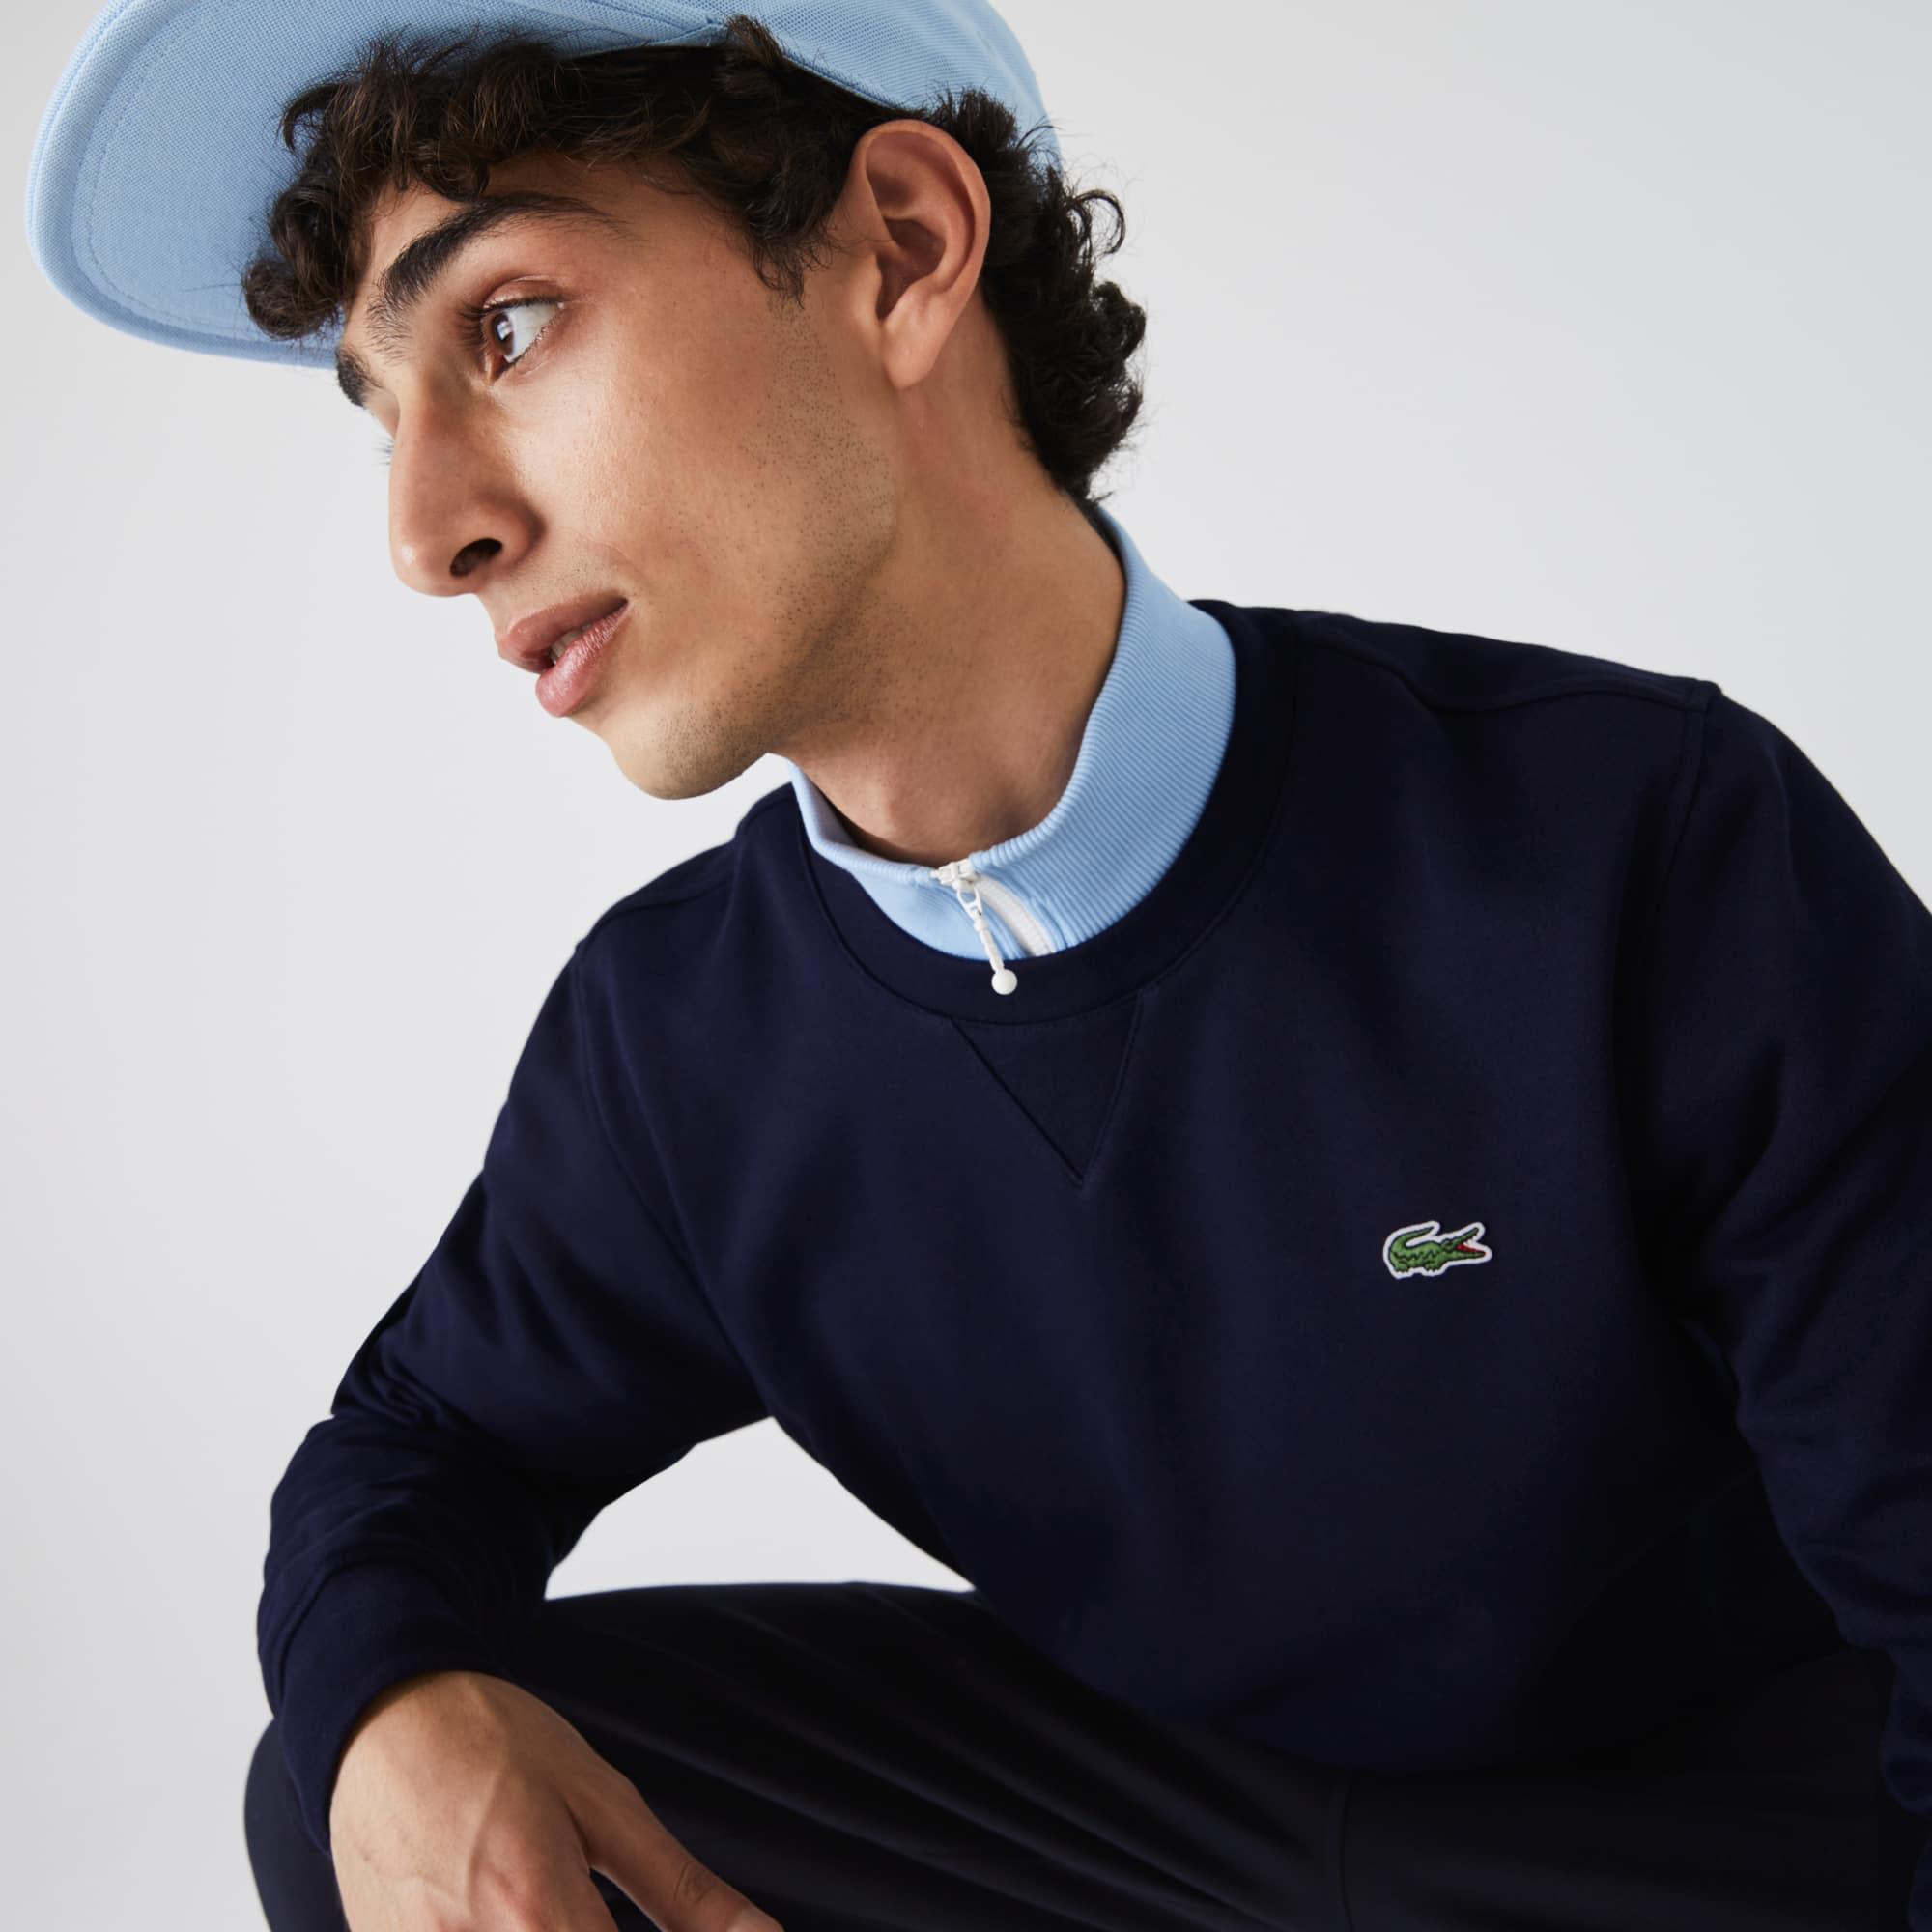 Men's Sweatshirt Lacoste Solid In Fleece Sport Crew Neck nwO80Pk